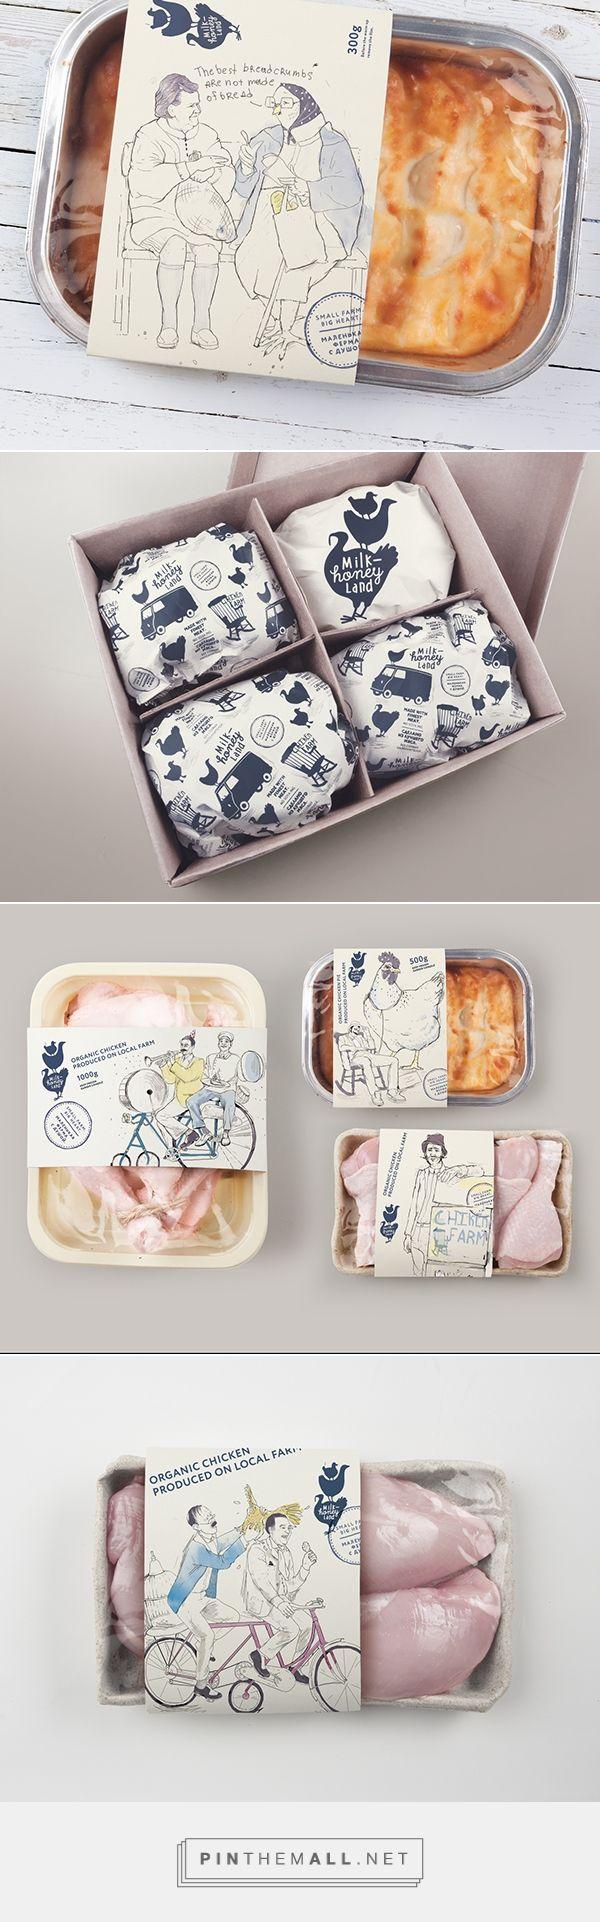 Milk & Honey Land. #Packaging. Entre en el fantástico mundo de elcafeatomico.com para descubrir muchas más cosas!